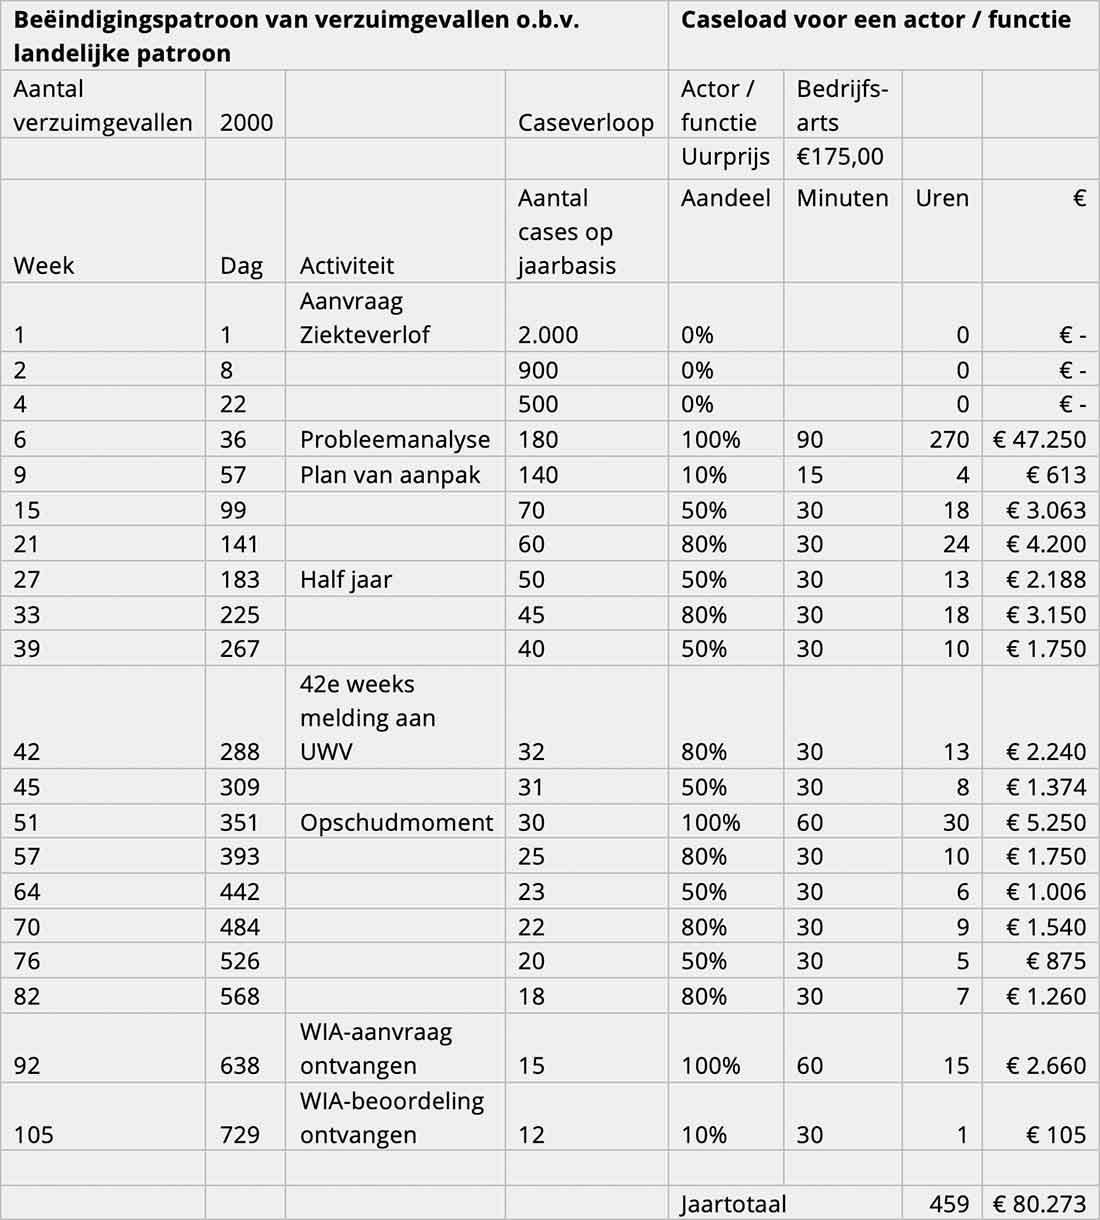 Beëindigingspatroon van verzuimgevallen o.b.v. landelijke patroon